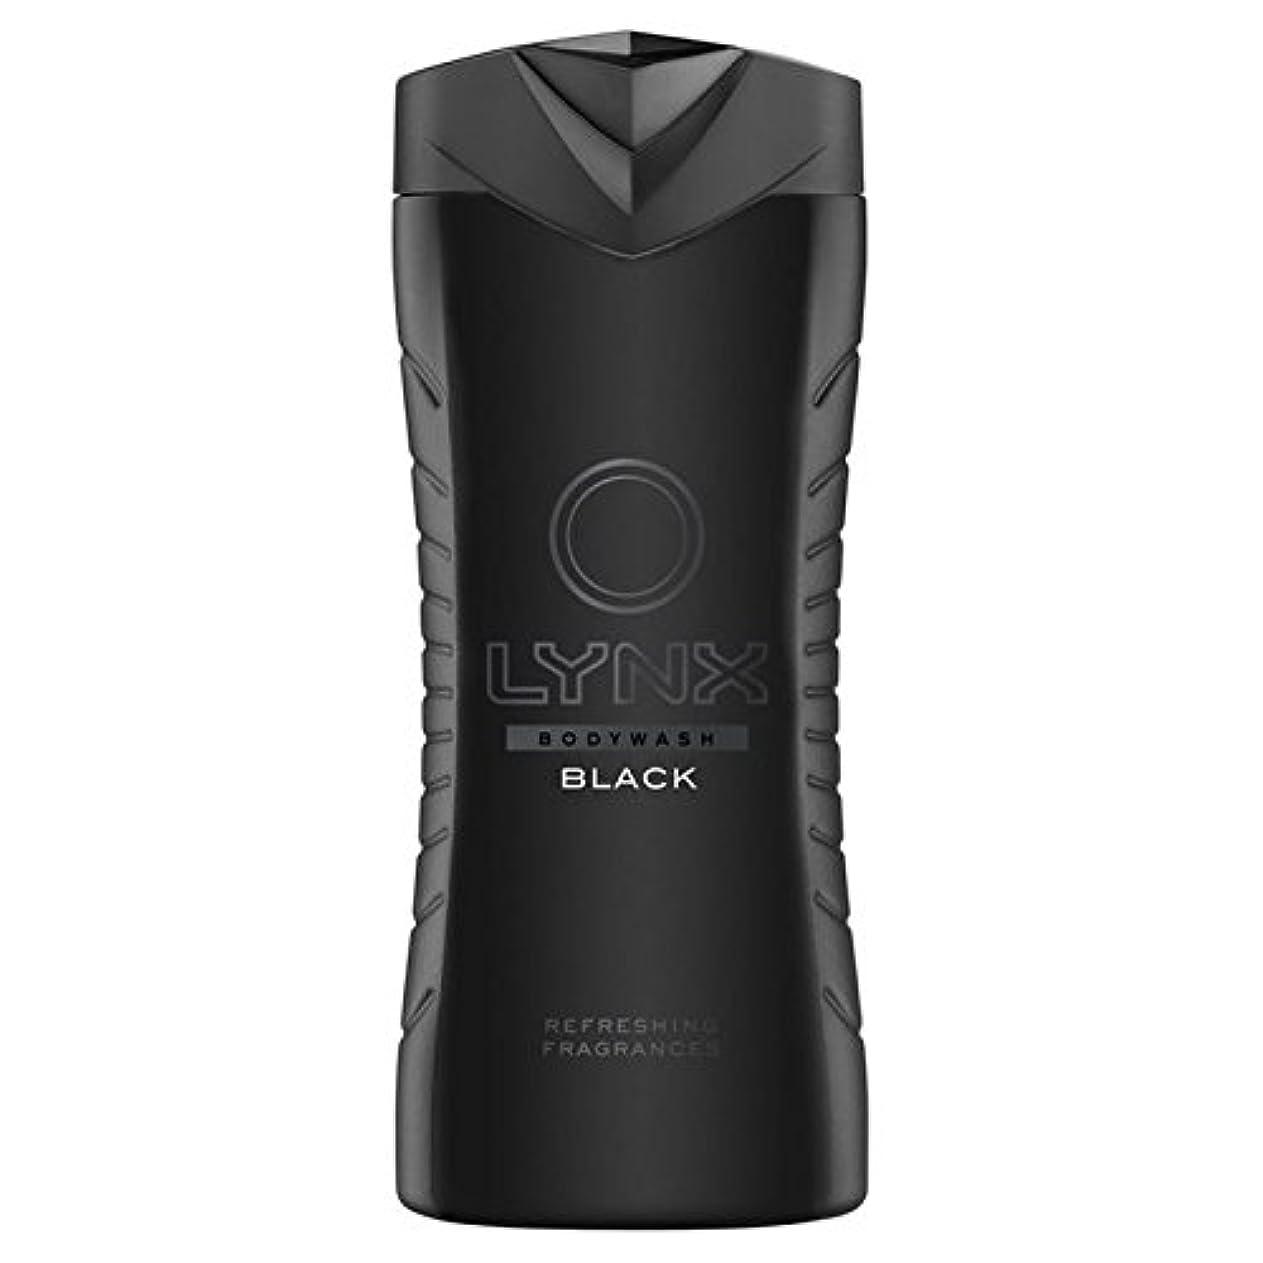 湖エーカー不振オオヤマネコブラックシャワージェル400ミリリットル x2 - Lynx Black Shower Gel 400ml (Pack of 2) [並行輸入品]